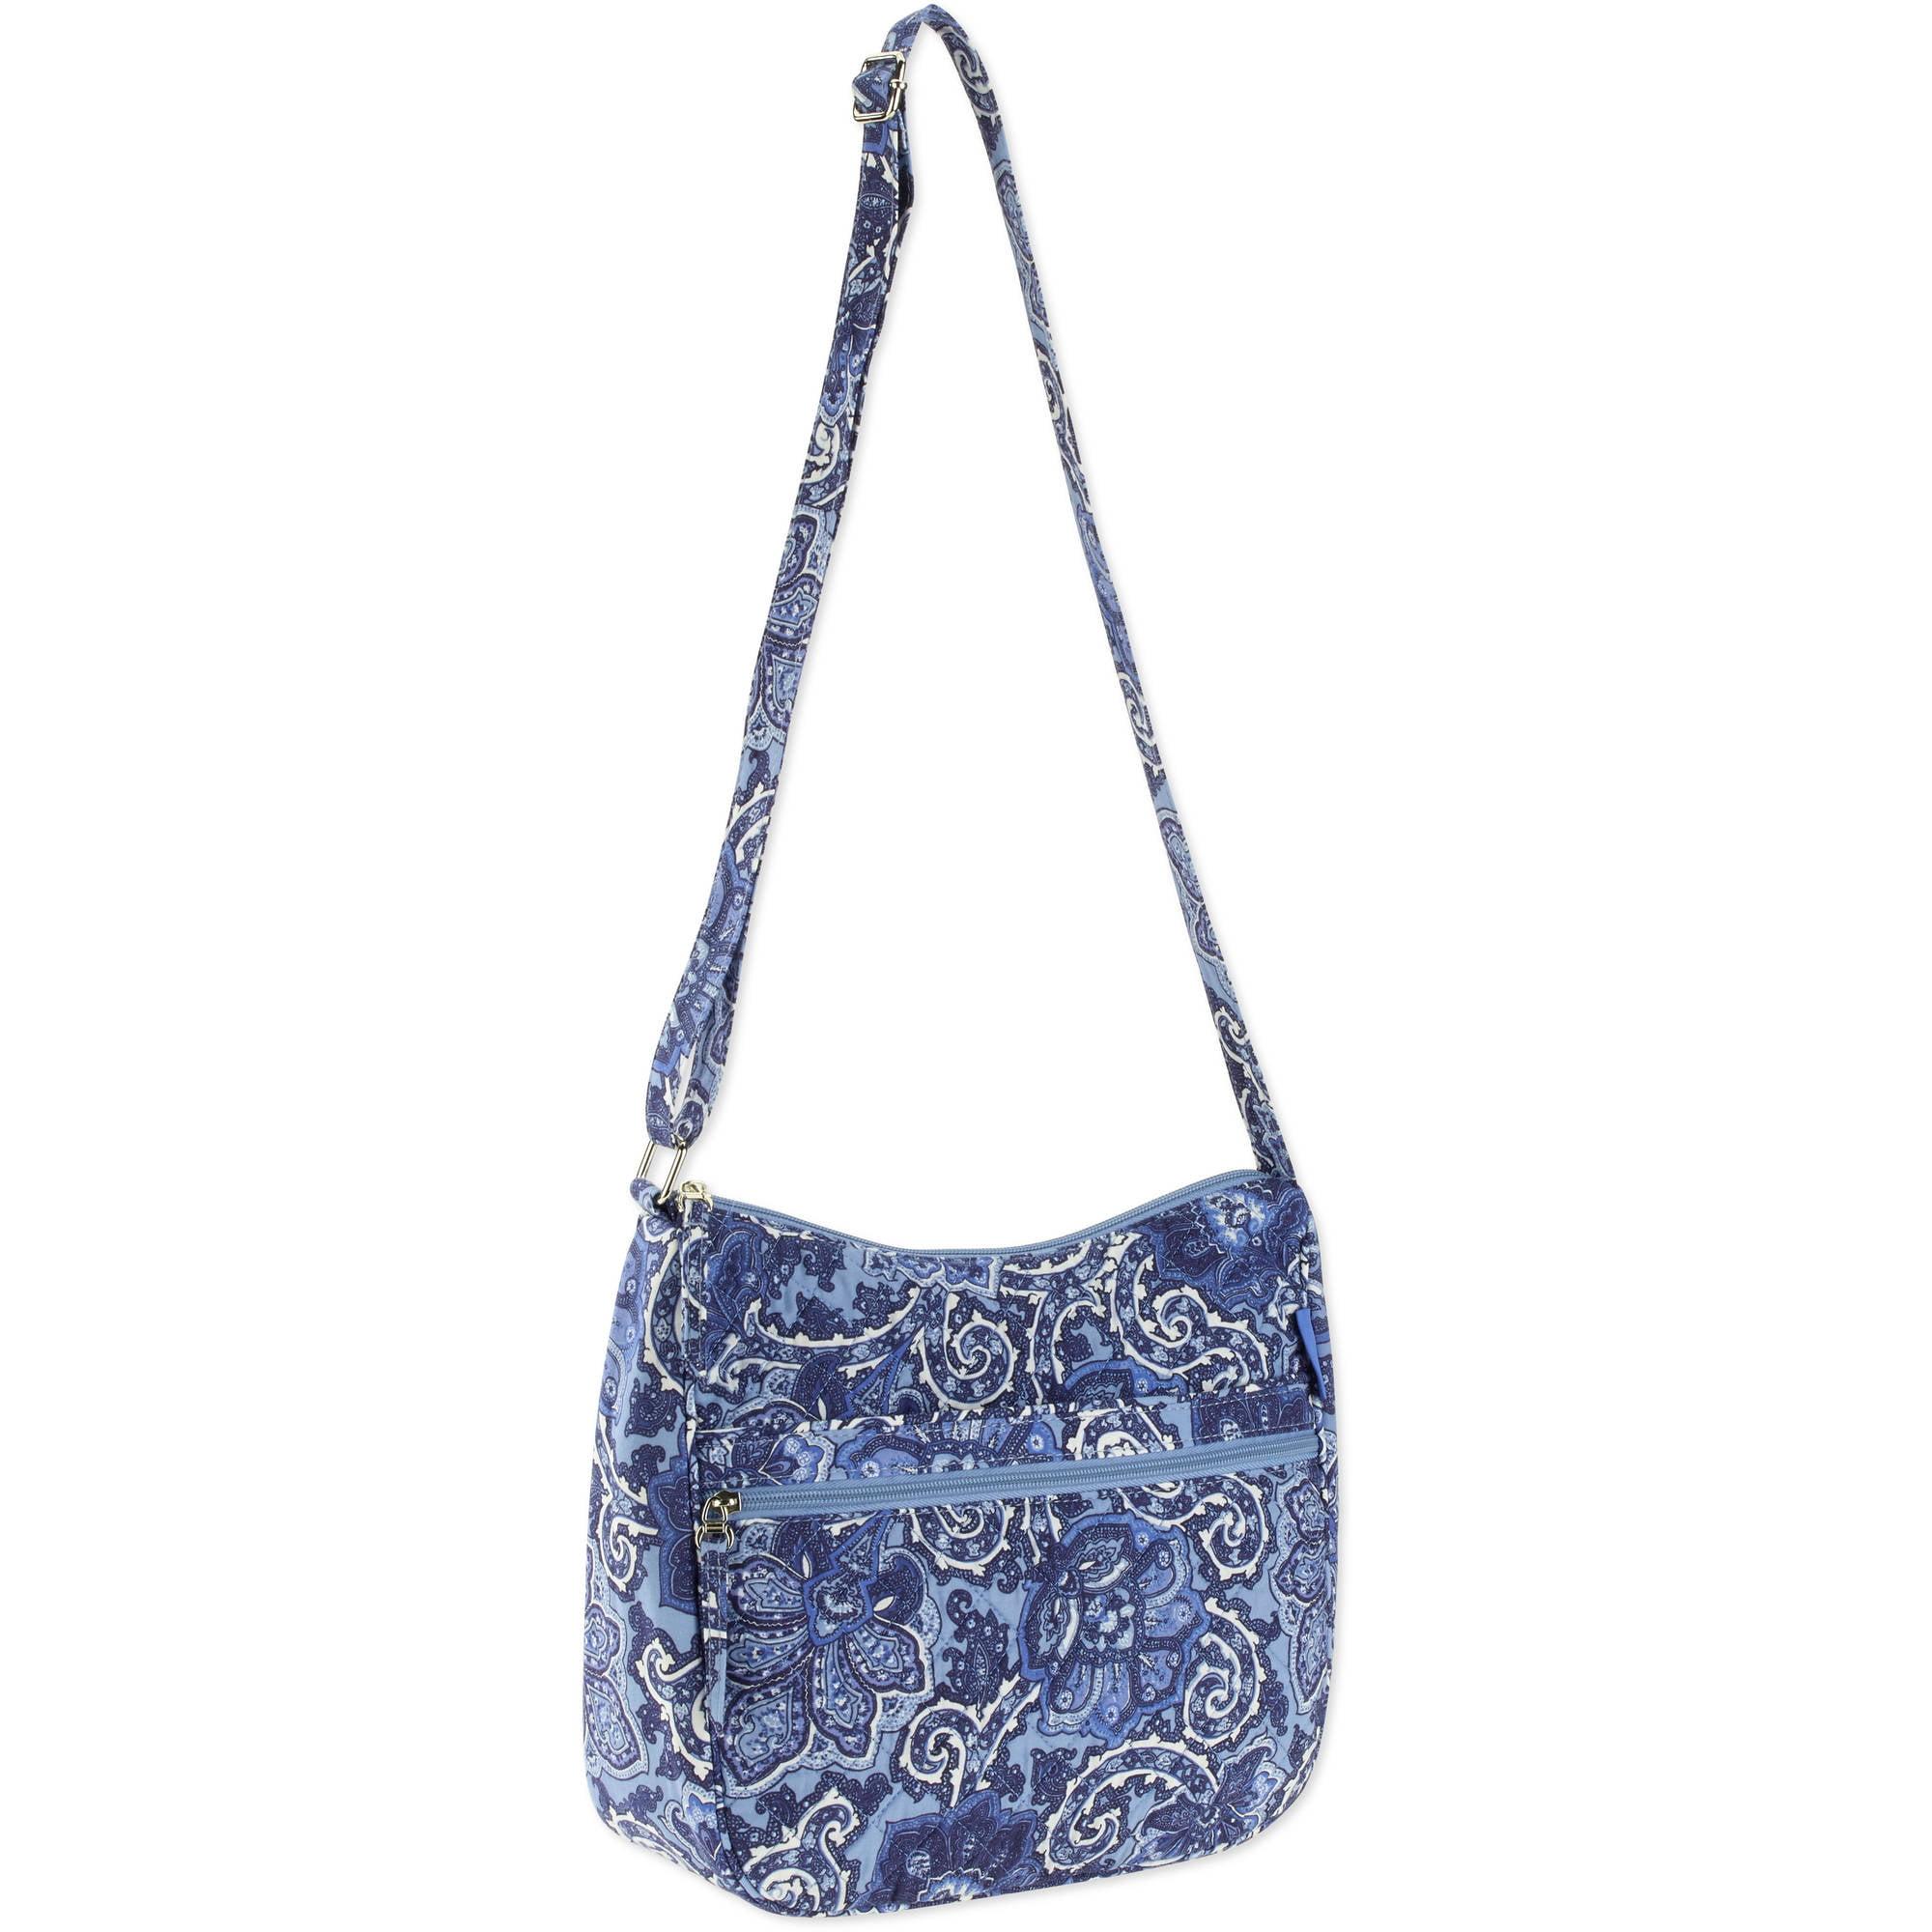 Waverly Women's Hobo Quilt bag